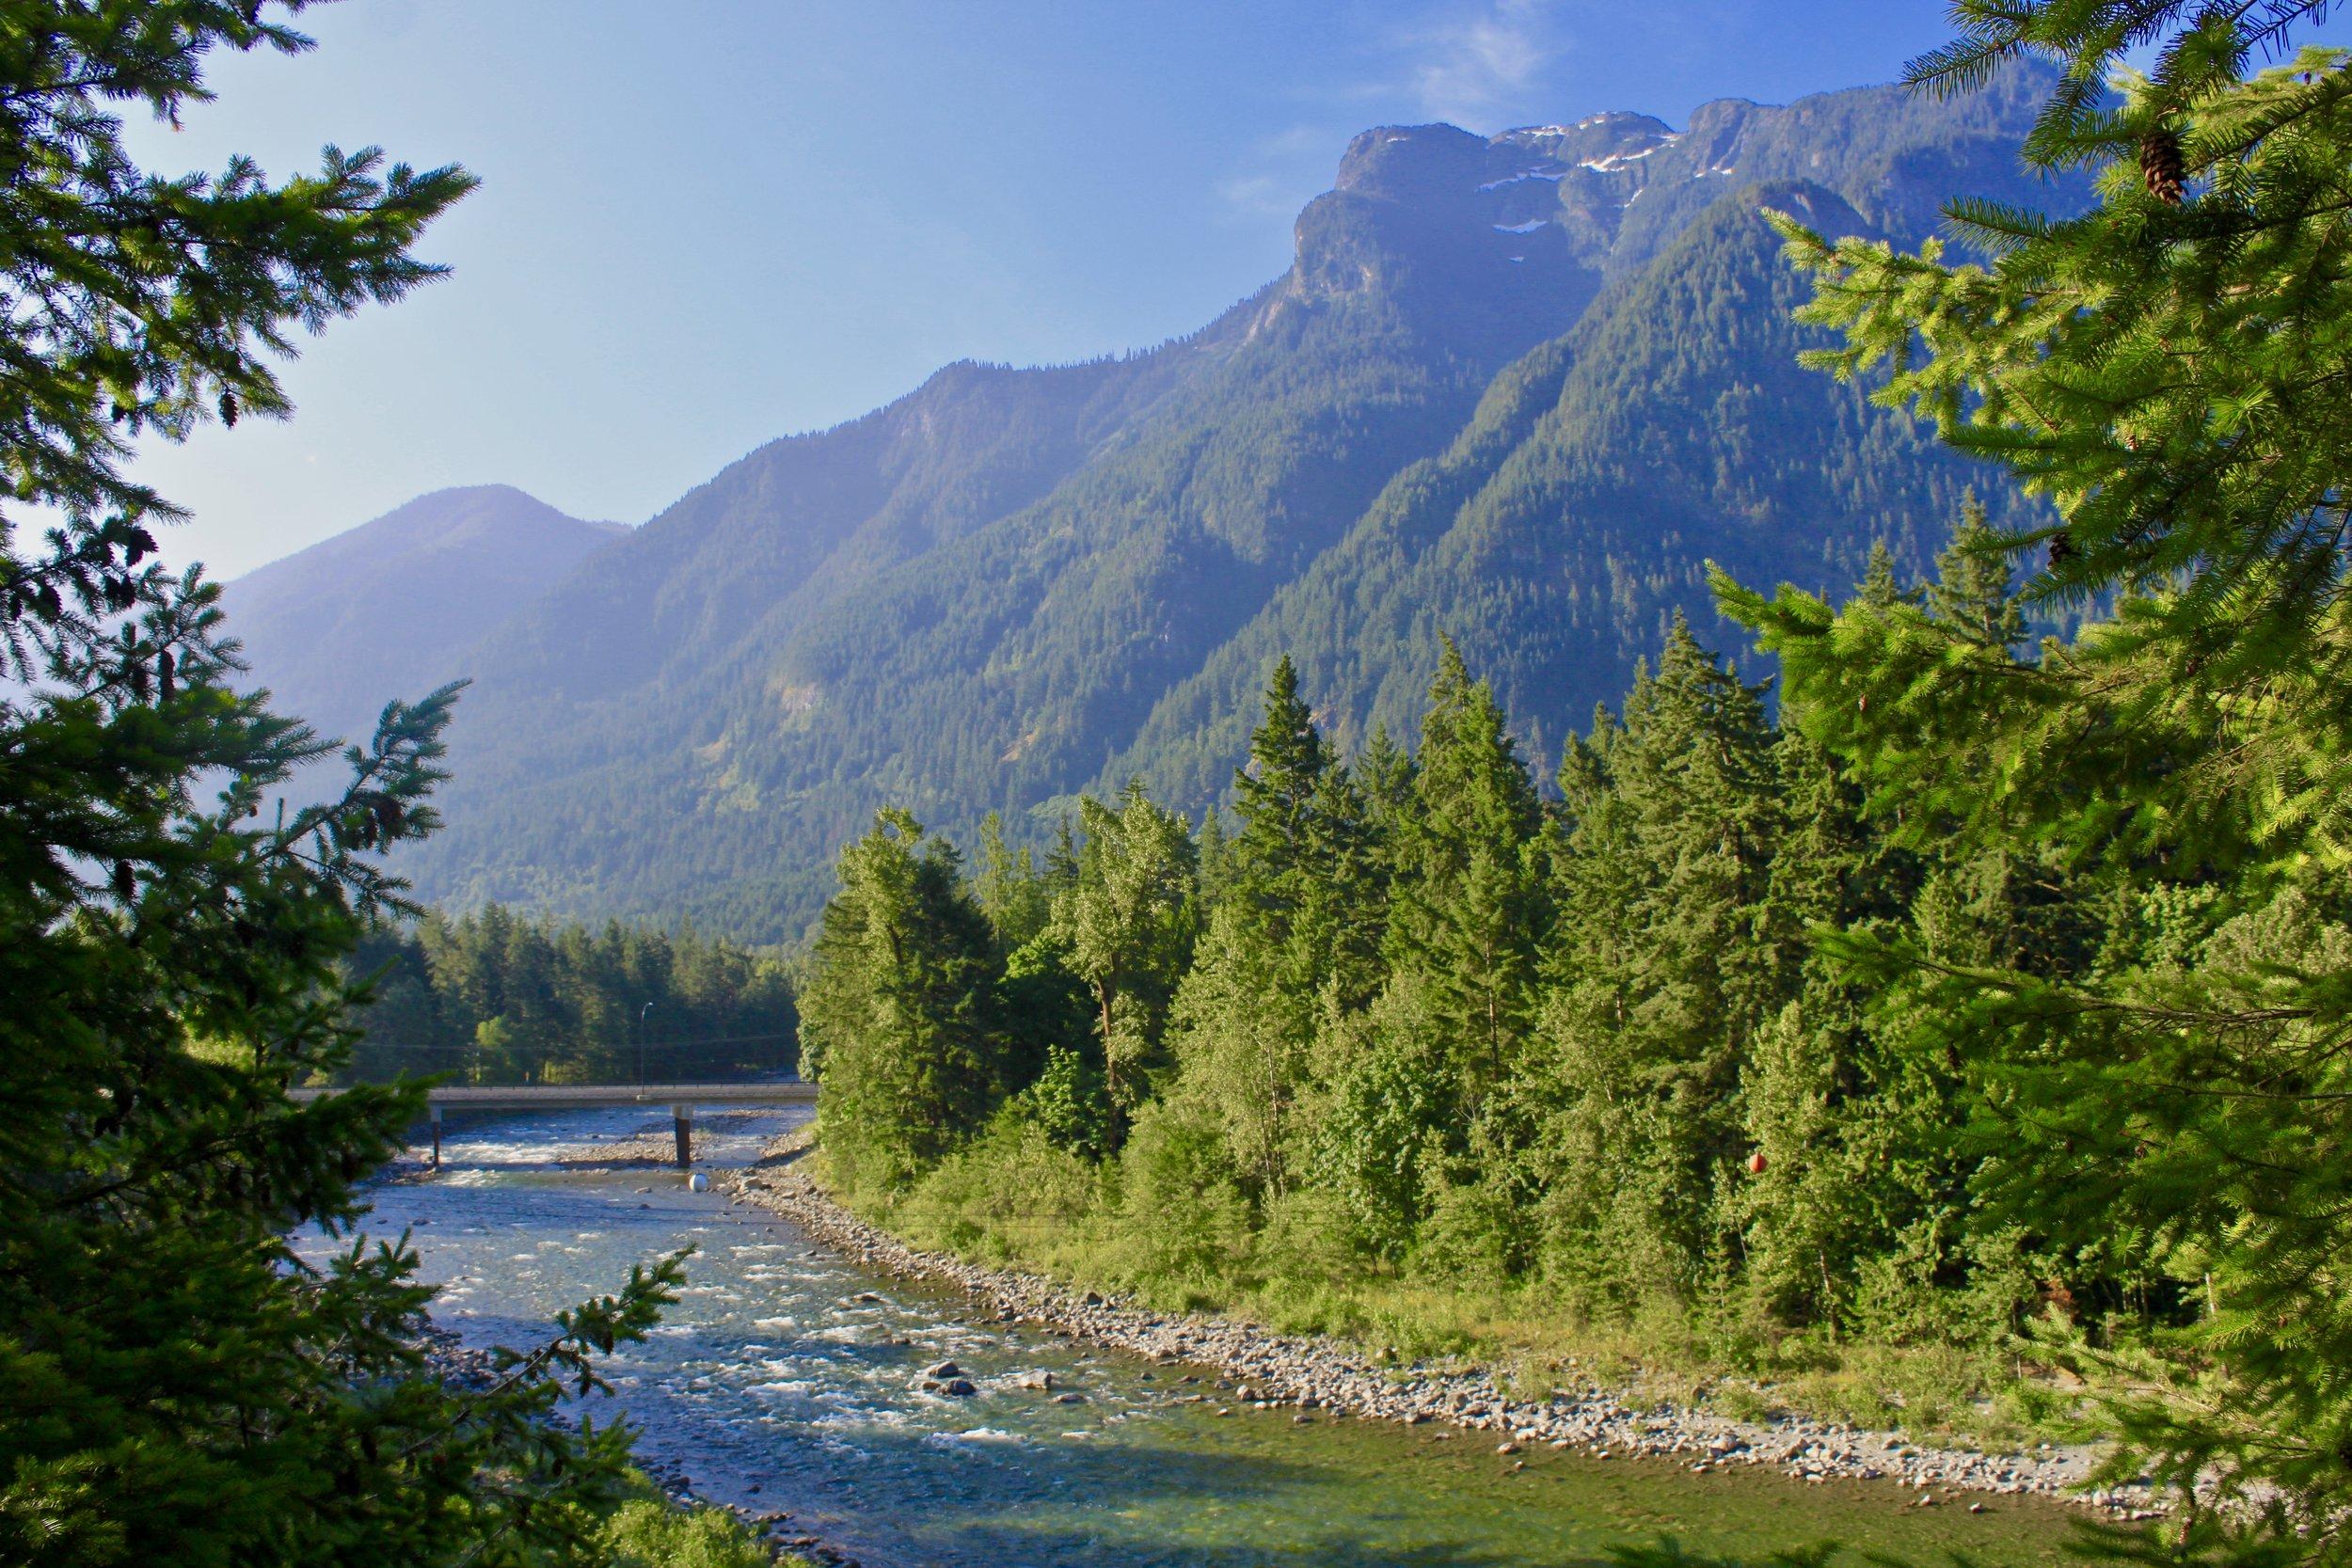 Frasier River - Hope, BC